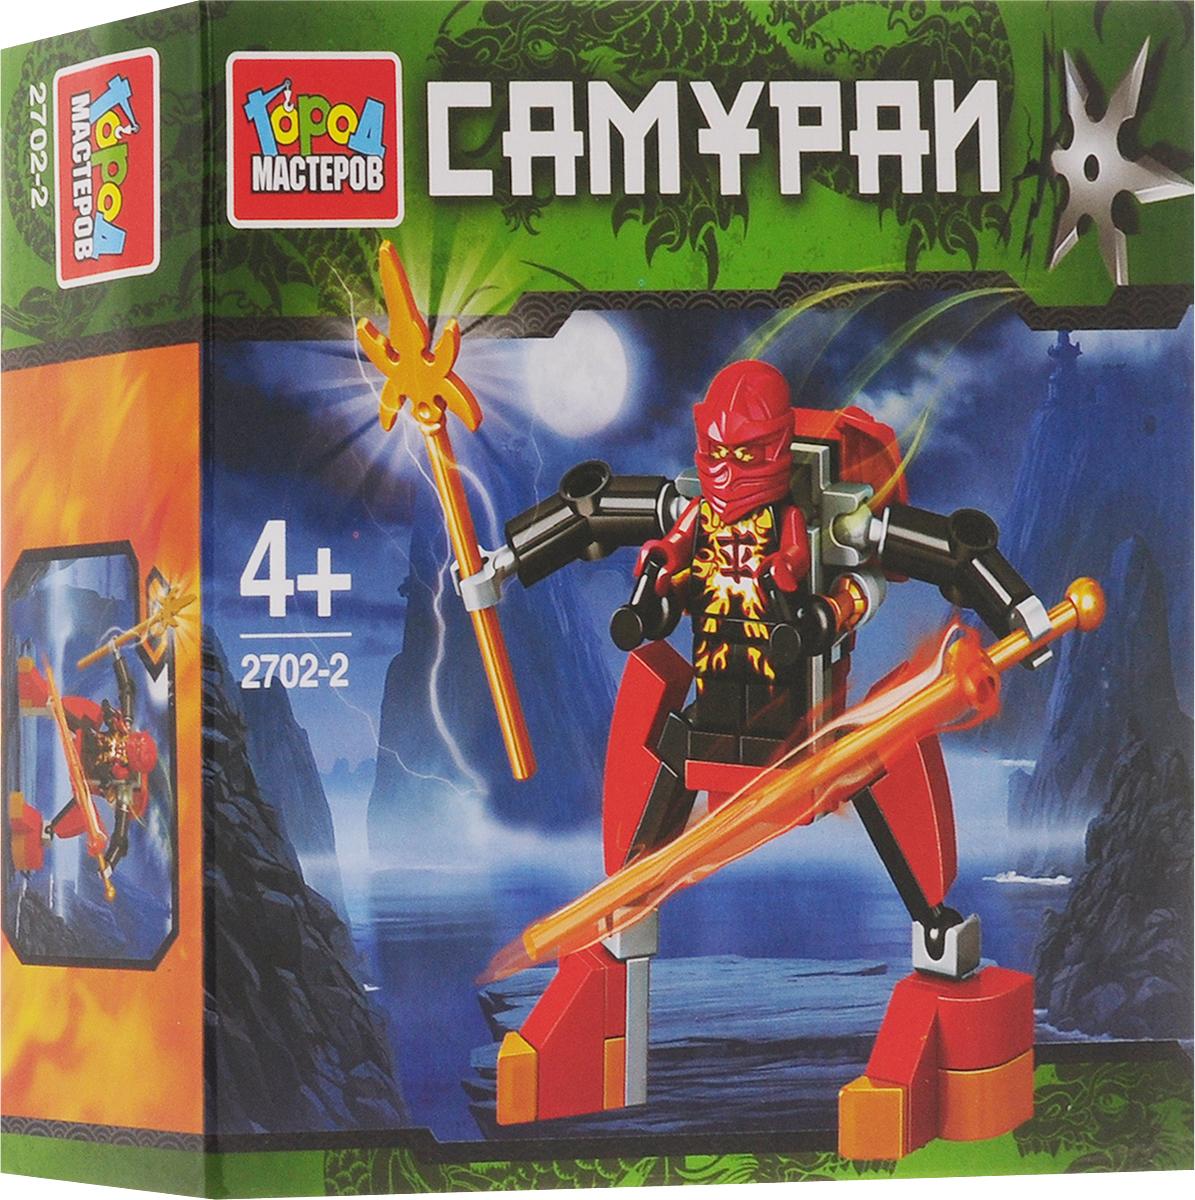 Город мастеров Конструктор Самураи 2702-2